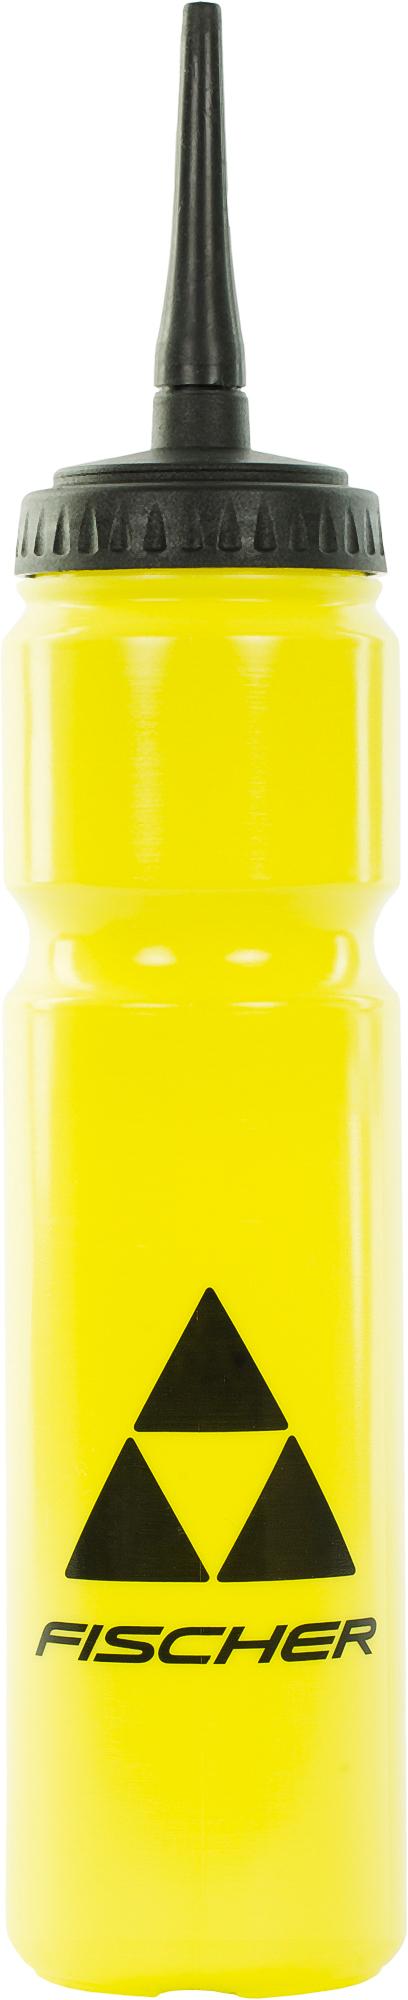 Fischer Бутылка для воды Fischer, 1л